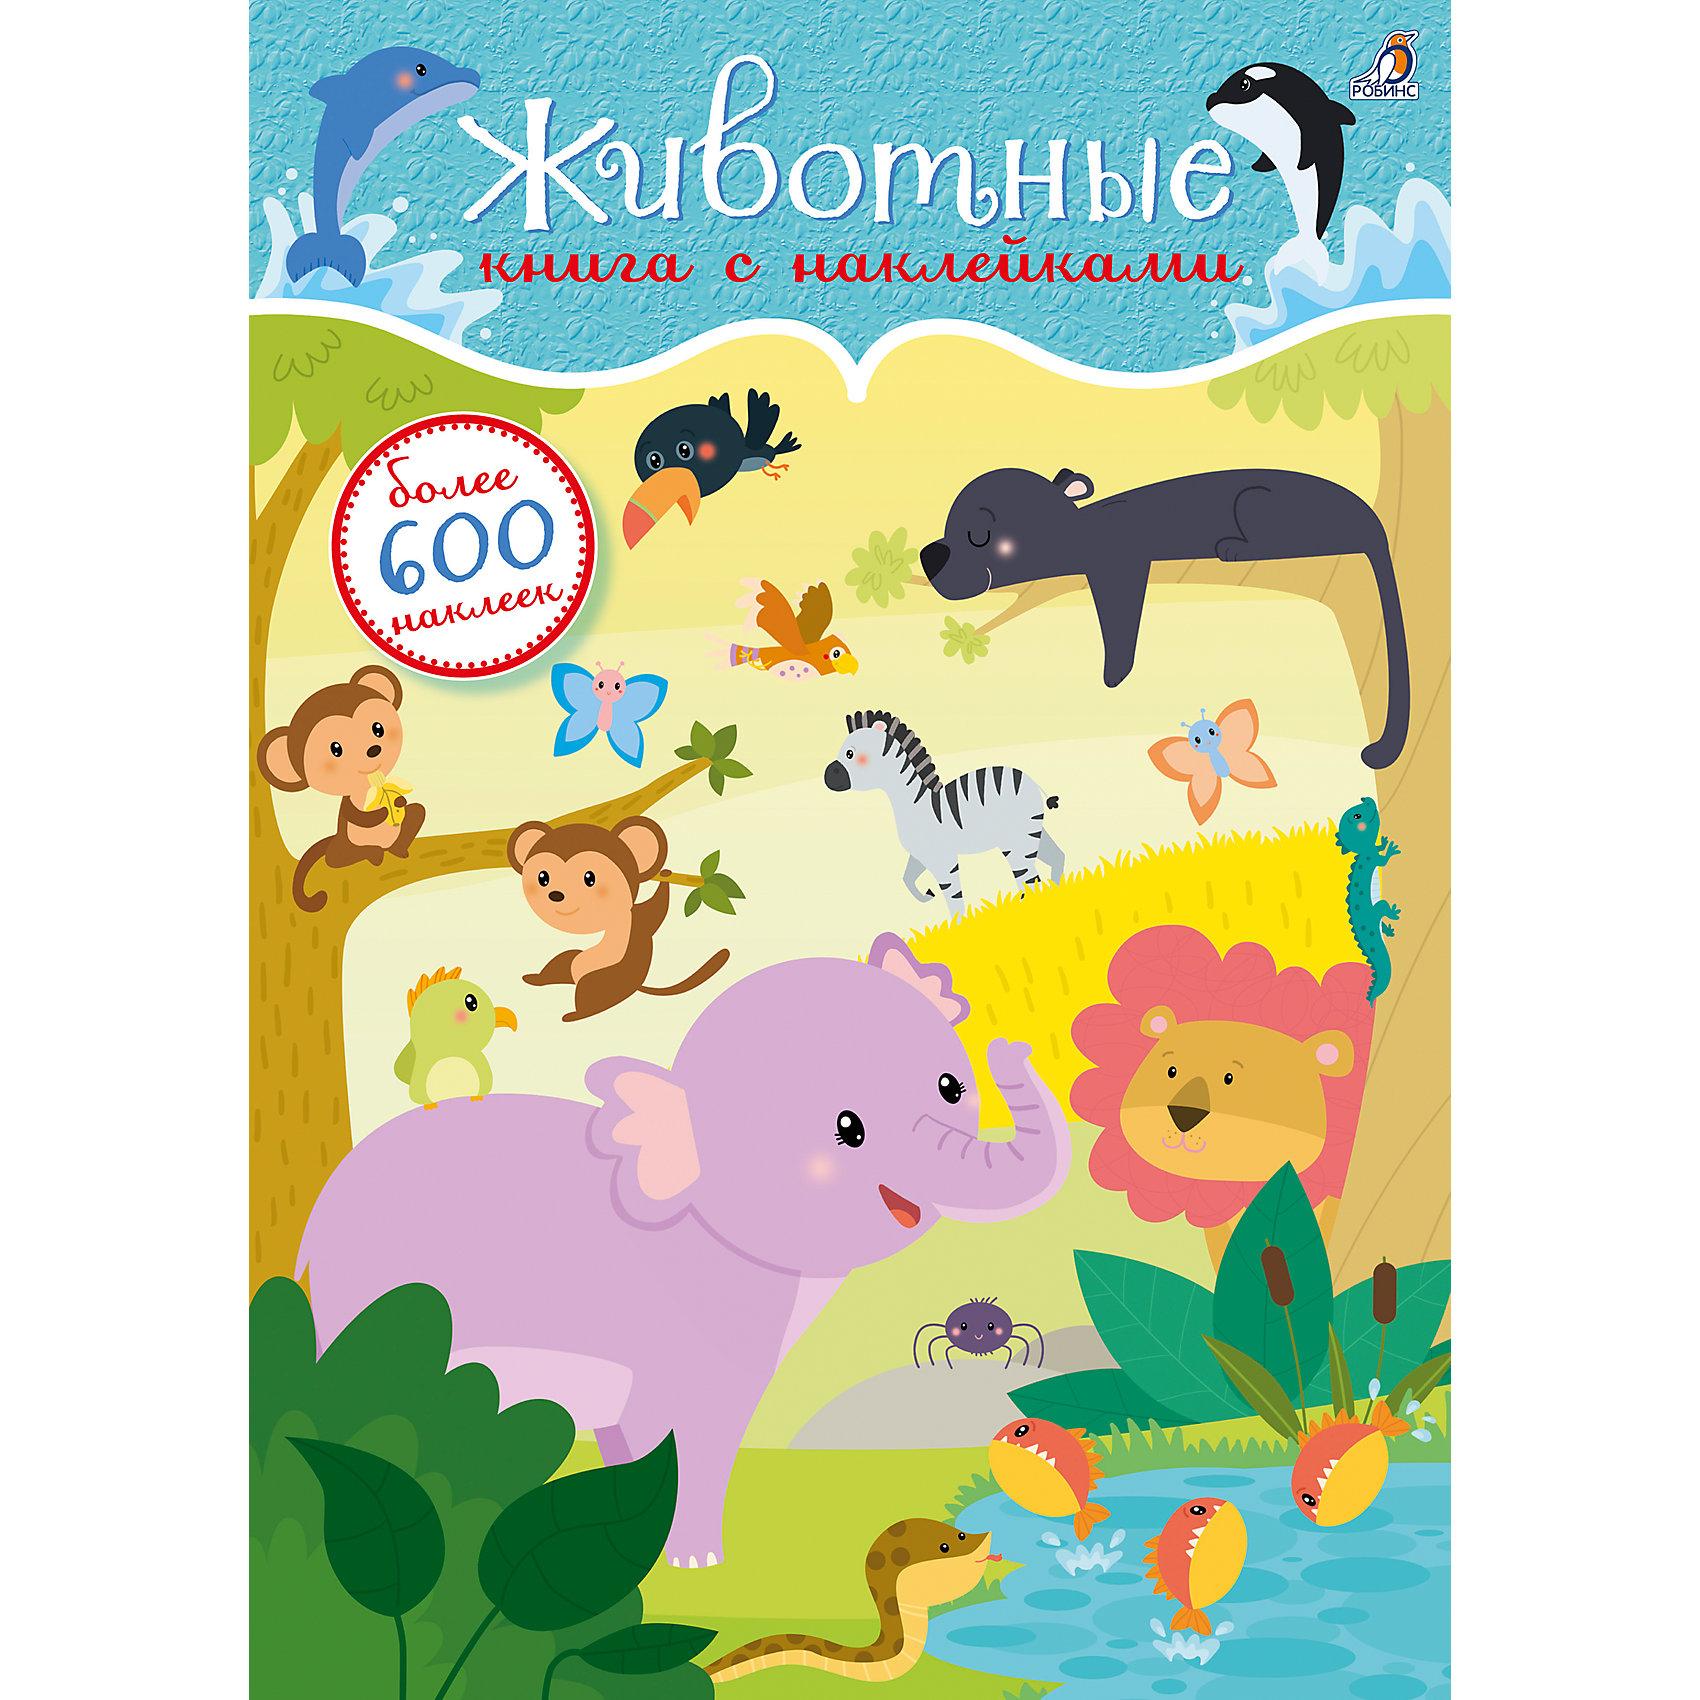 Книга с наклейками ЖивотныеКнига с наклейками. Животные - это обучающая книга для детей от 3-х лет с вкладышами-наклейками внутри.<br><br>Ваш малыш любит клеить наклейки, и ему нужен простор для воображения? Мы придумали  книгу как раз для него! <br>В ней вы найдёте 12 ярких тематических пейзажей-фонов с изображениями леса, фермы, пустыни, тропических джунглей, а также более 600 многоразовых наклеек, с помощью которых ребёнок сможет создать собственный мир, познакомиться с разными животными, растениями, весело и с пользой провести время.<br><br>Ширина мм: 295<br>Глубина мм: 210<br>Высота мм: 400<br>Вес г: 210<br>Возраст от месяцев: 36<br>Возраст до месяцев: 2147483647<br>Пол: Унисекс<br>Возраст: Детский<br>SKU: 5507261